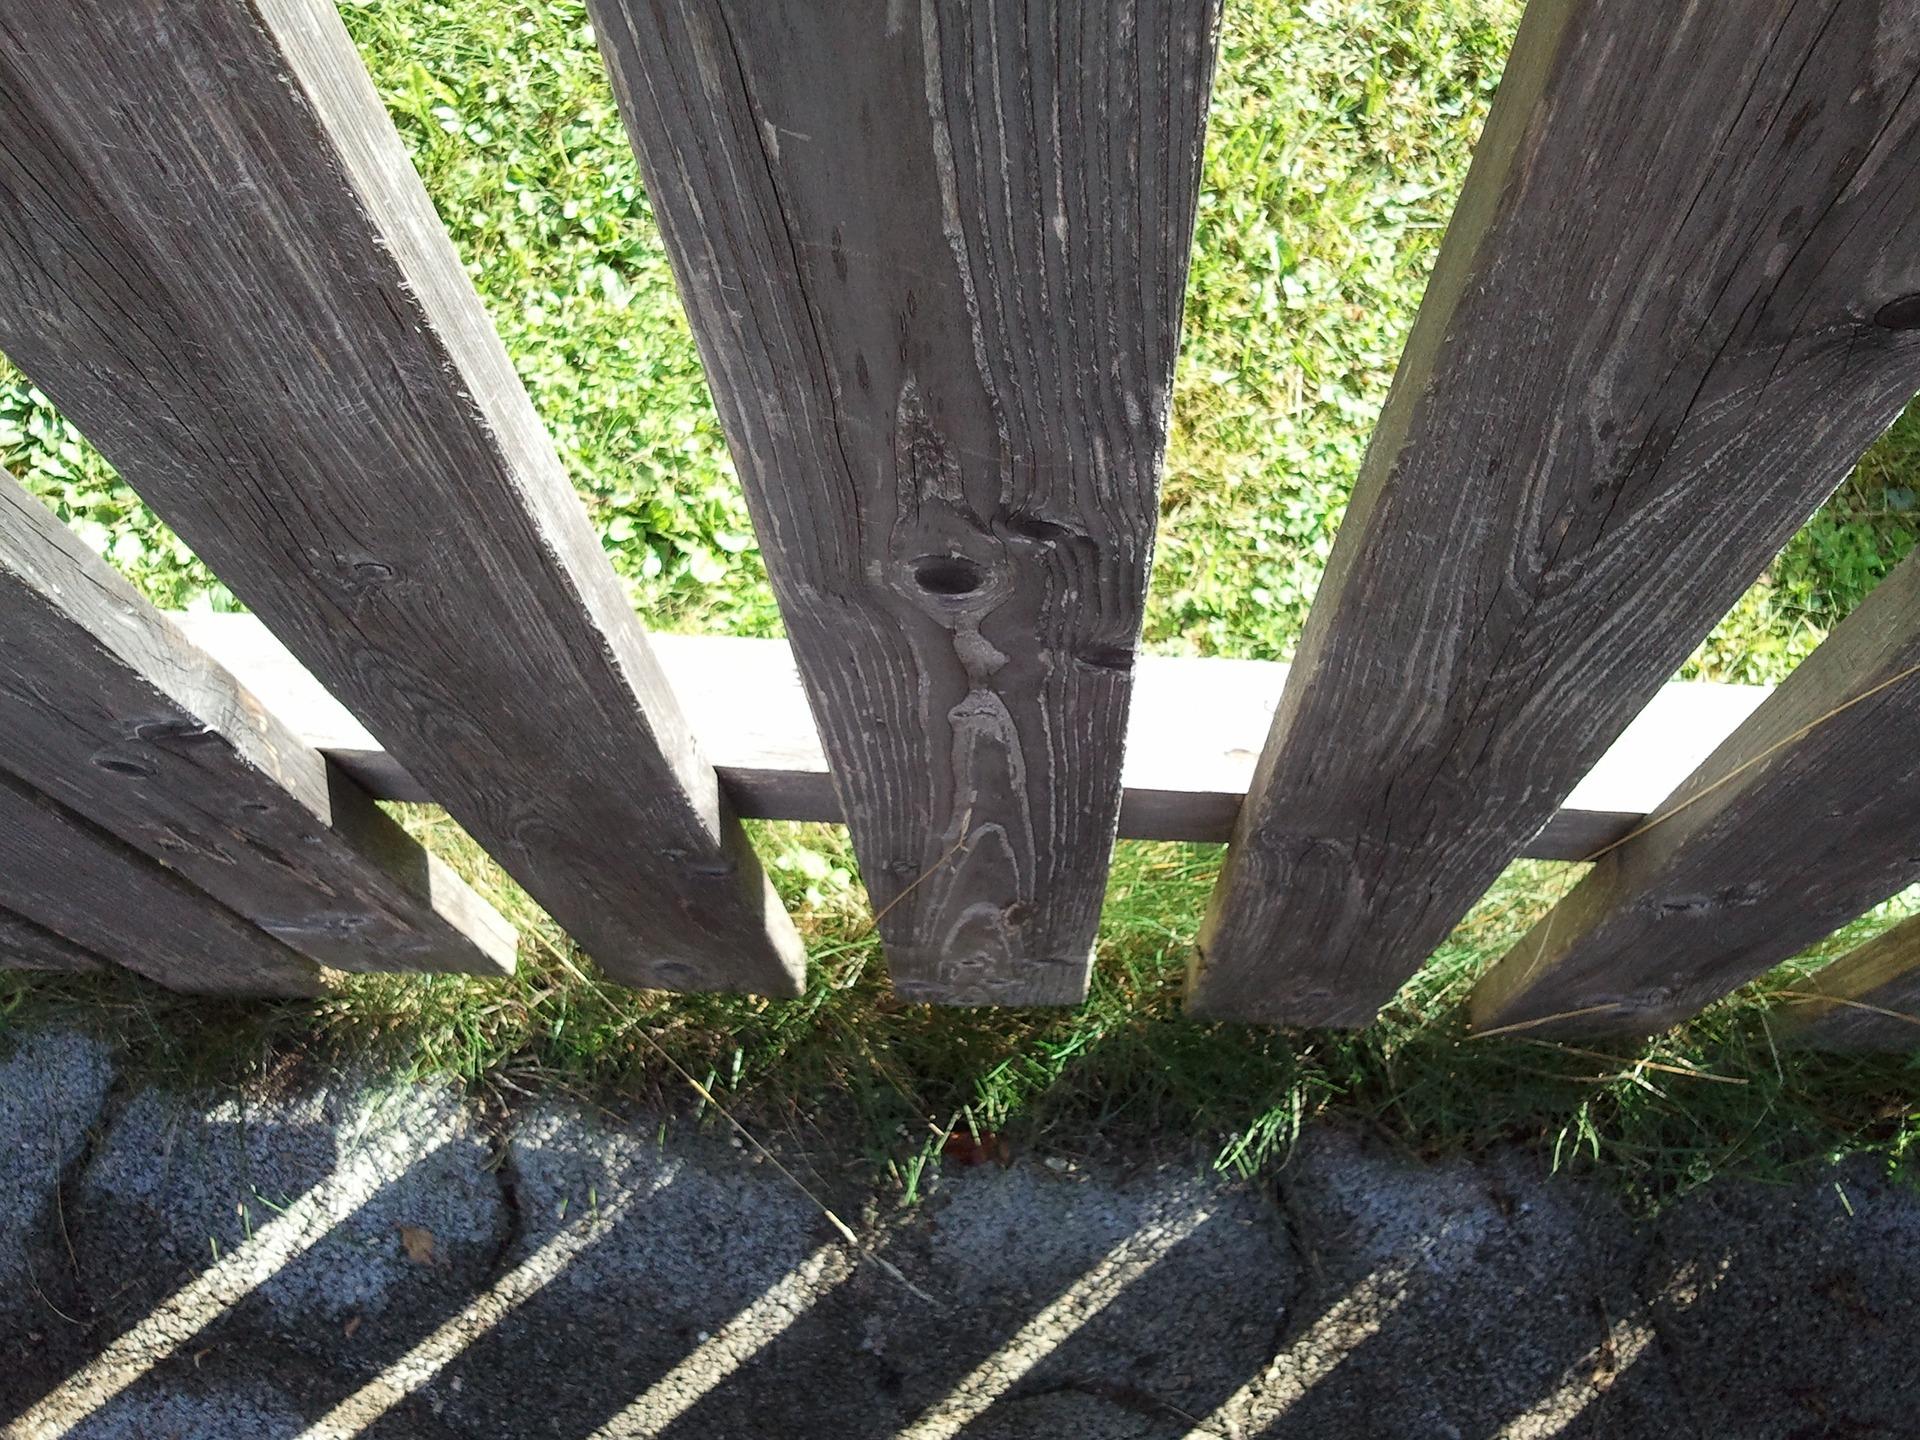 Jak zabezpieczyć drewno na posesji i w ogrodzie, żeby służyło nam długie lata?